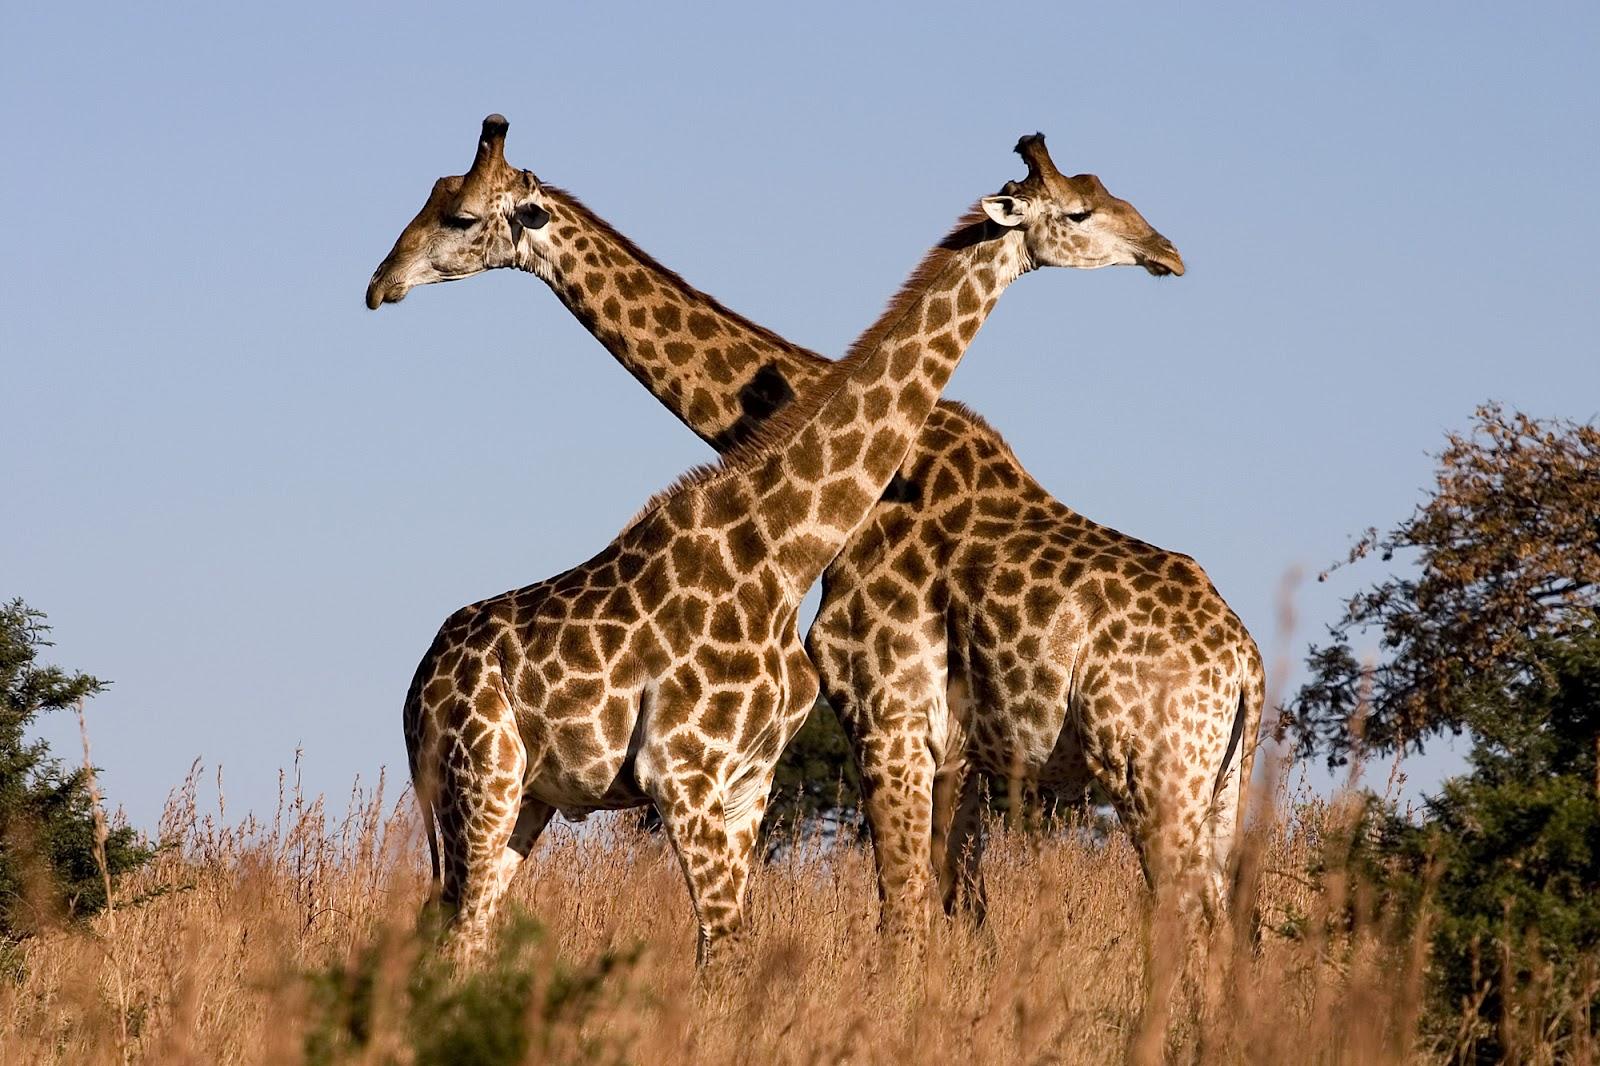 http://1.bp.blogspot.com/-O8VPtjfew9w/UCaytSZqnGI/AAAAAAAA7t4/0IVxGPFFIAI/s1600/giraffe-two-males-necking.jpg